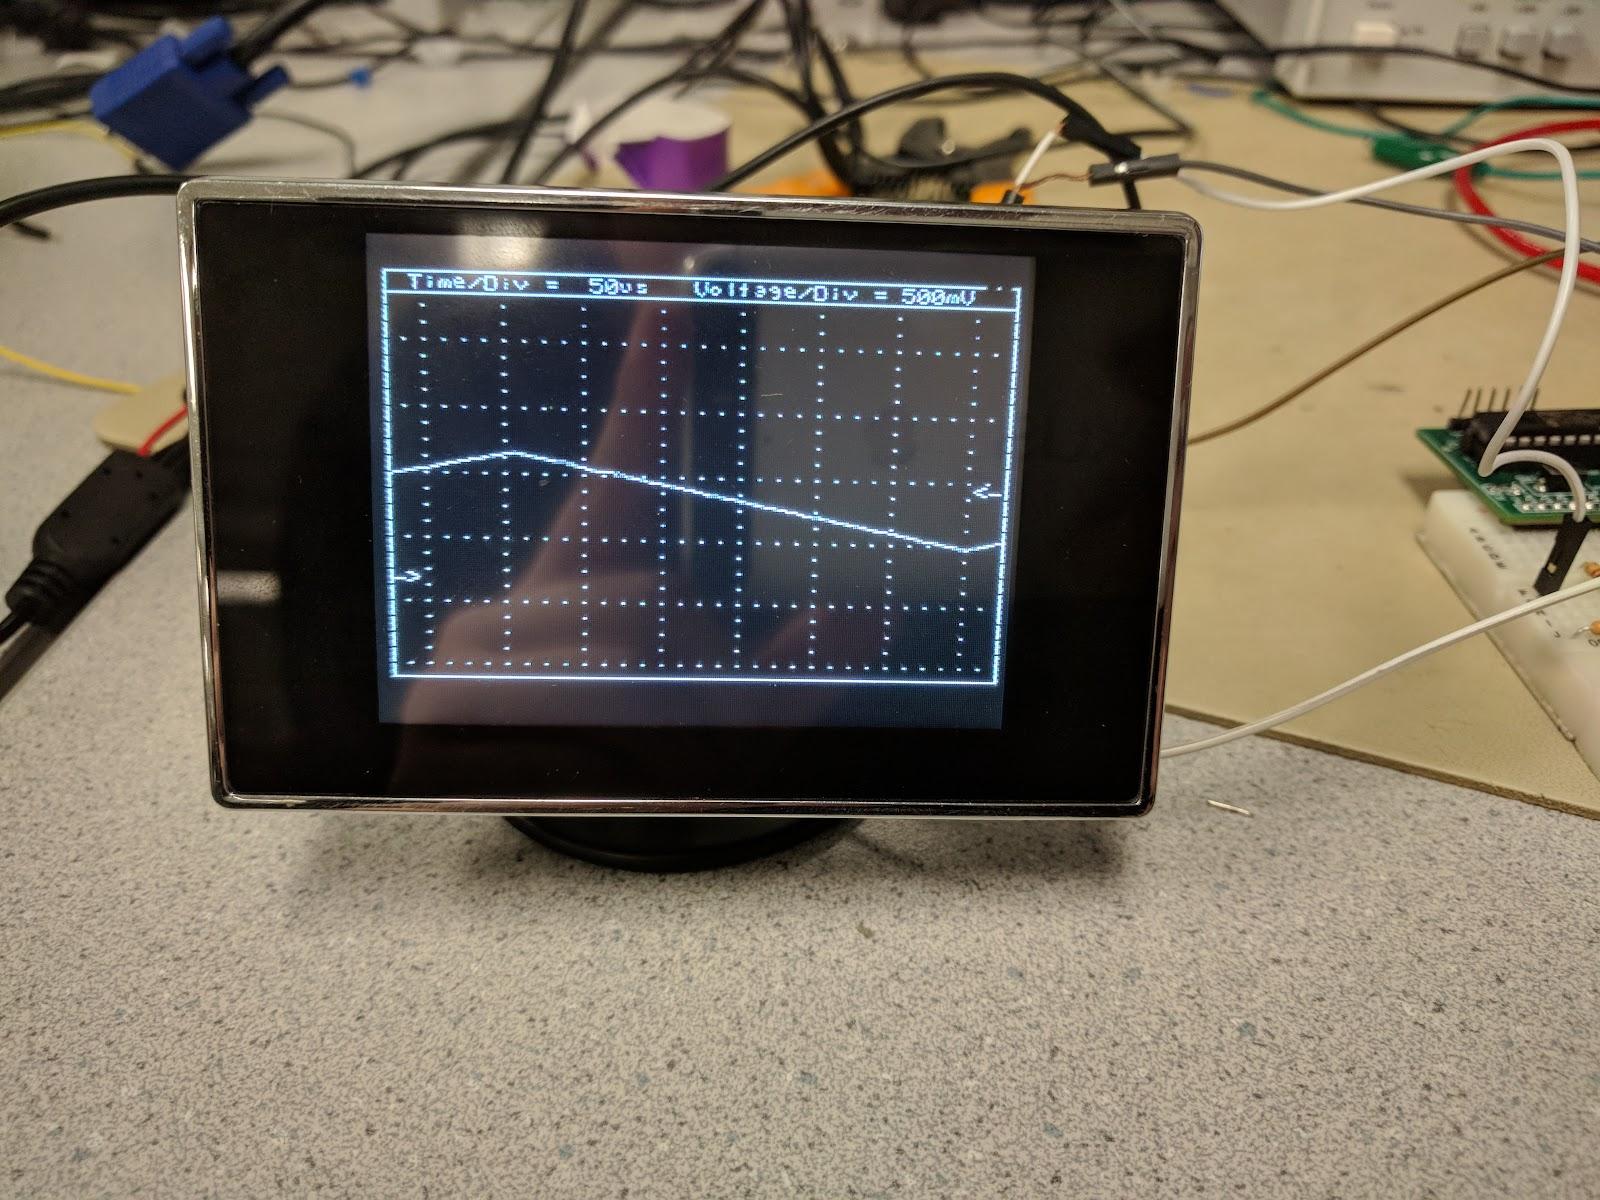 ~1kHz Triangular Waveform in 50us-500mV window